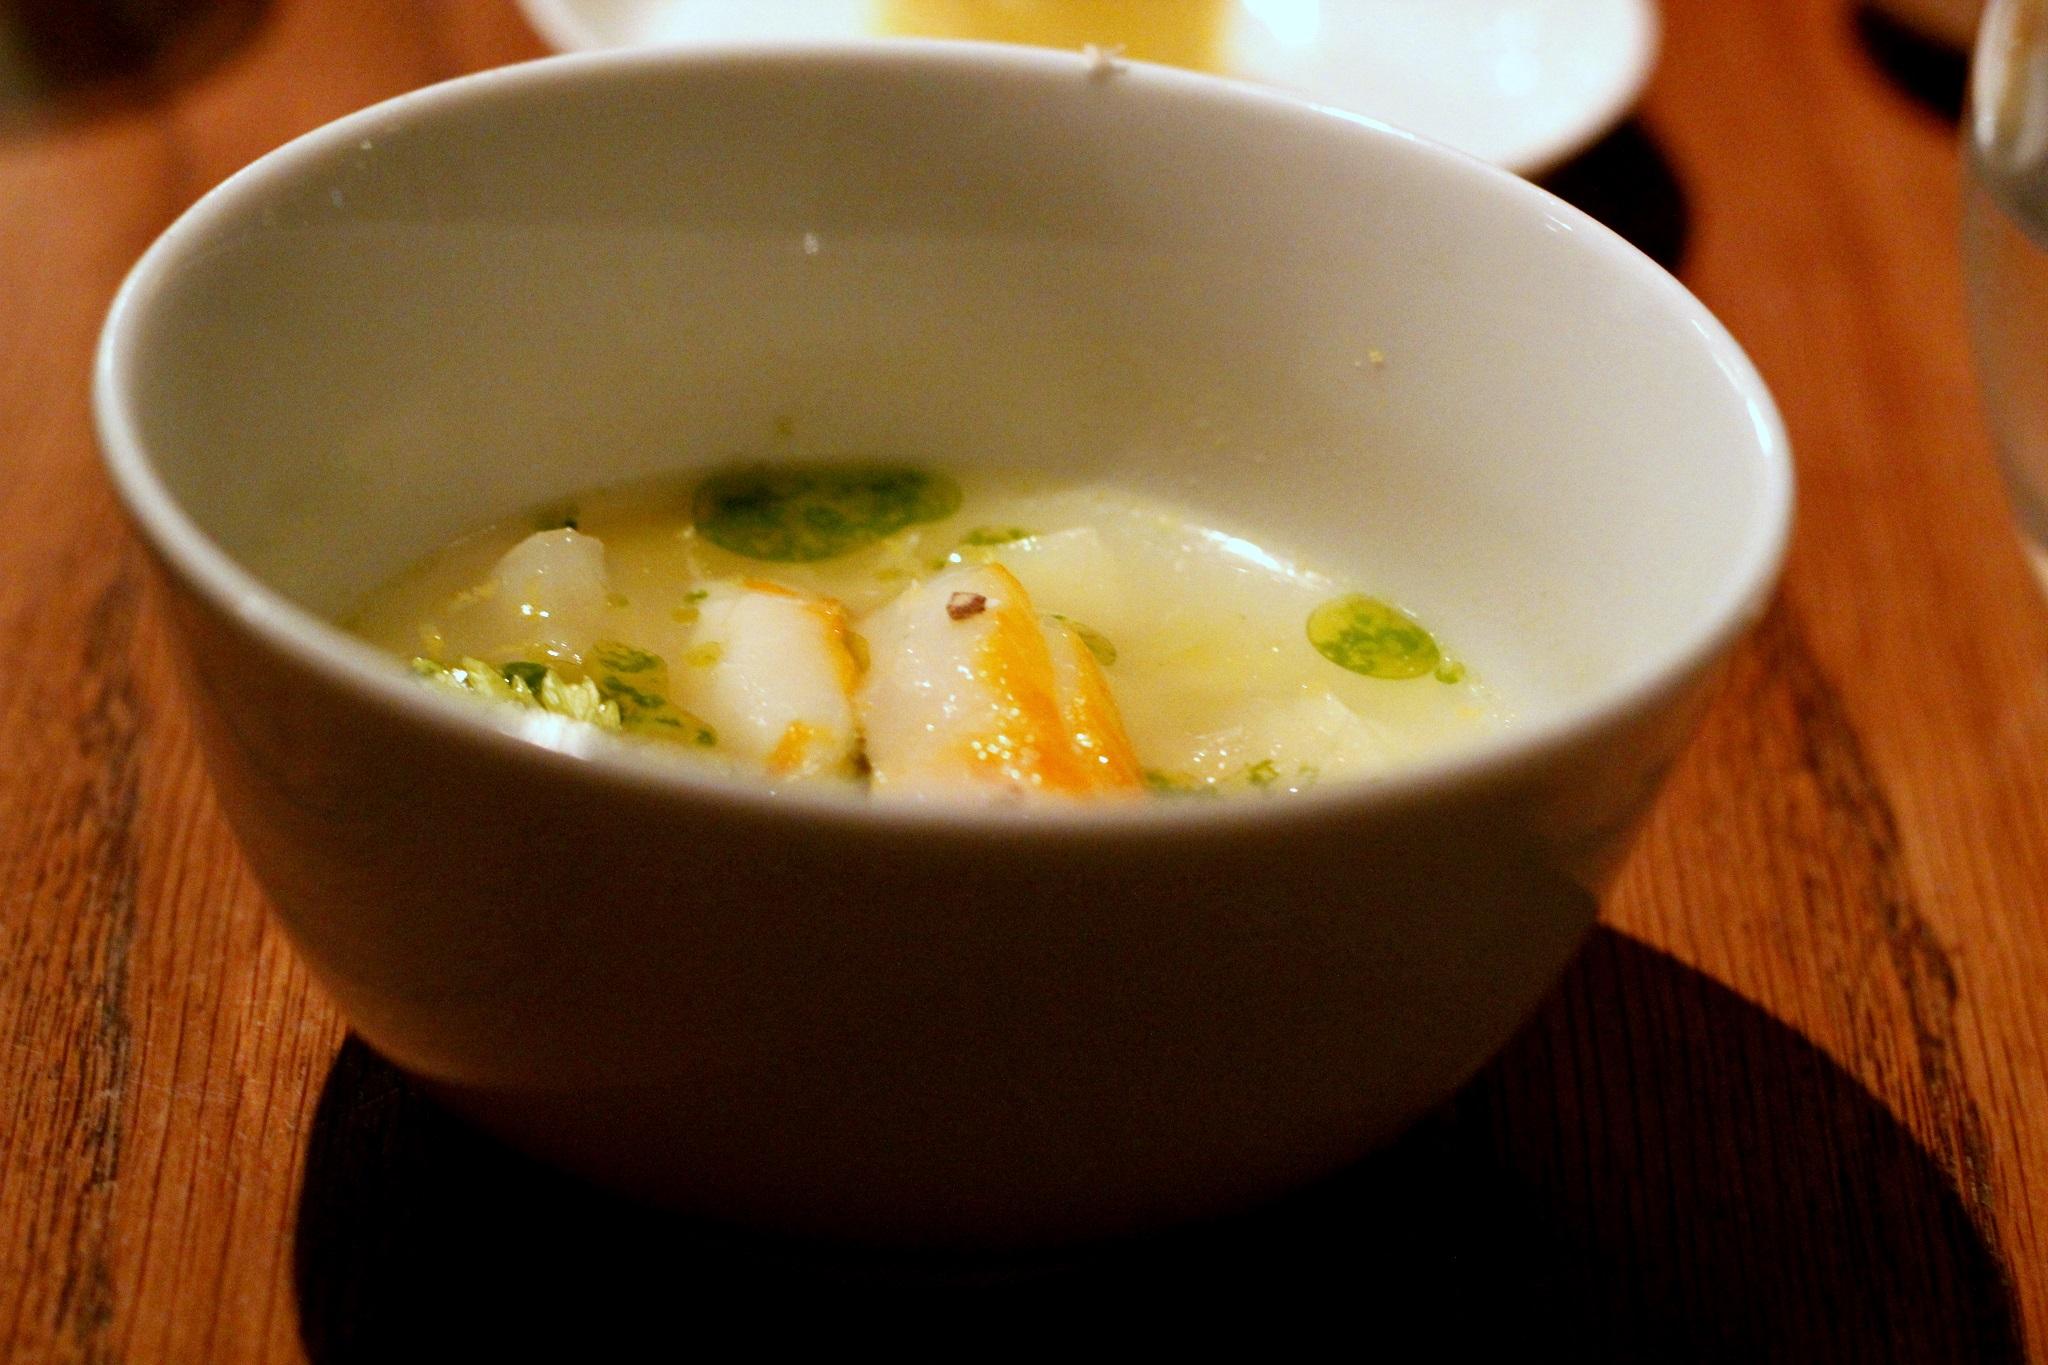 מרק ירקות זך ונהדר עם נתחים מעודנים של דג haddock , שהוא דג של מים מלוחים .